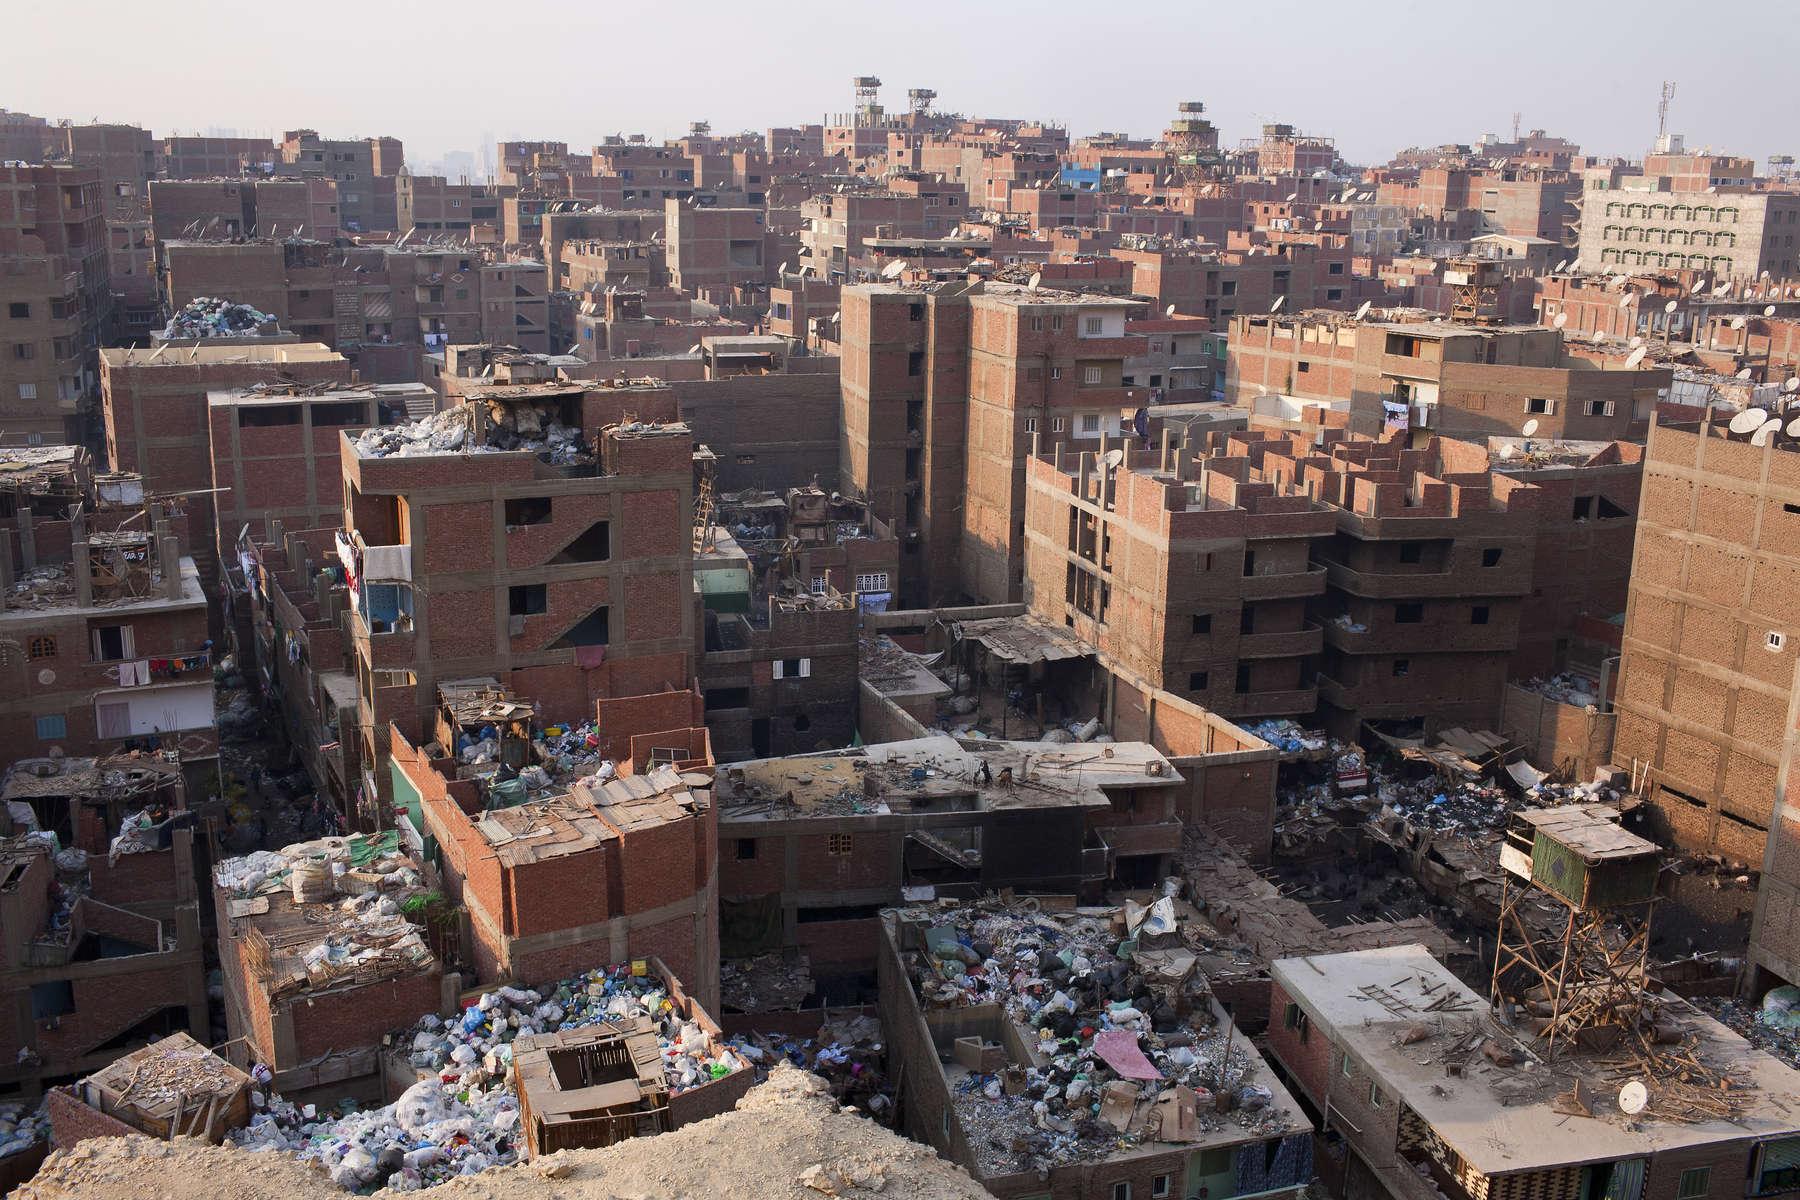 Zabaleen of Moqqatam - Cityscape